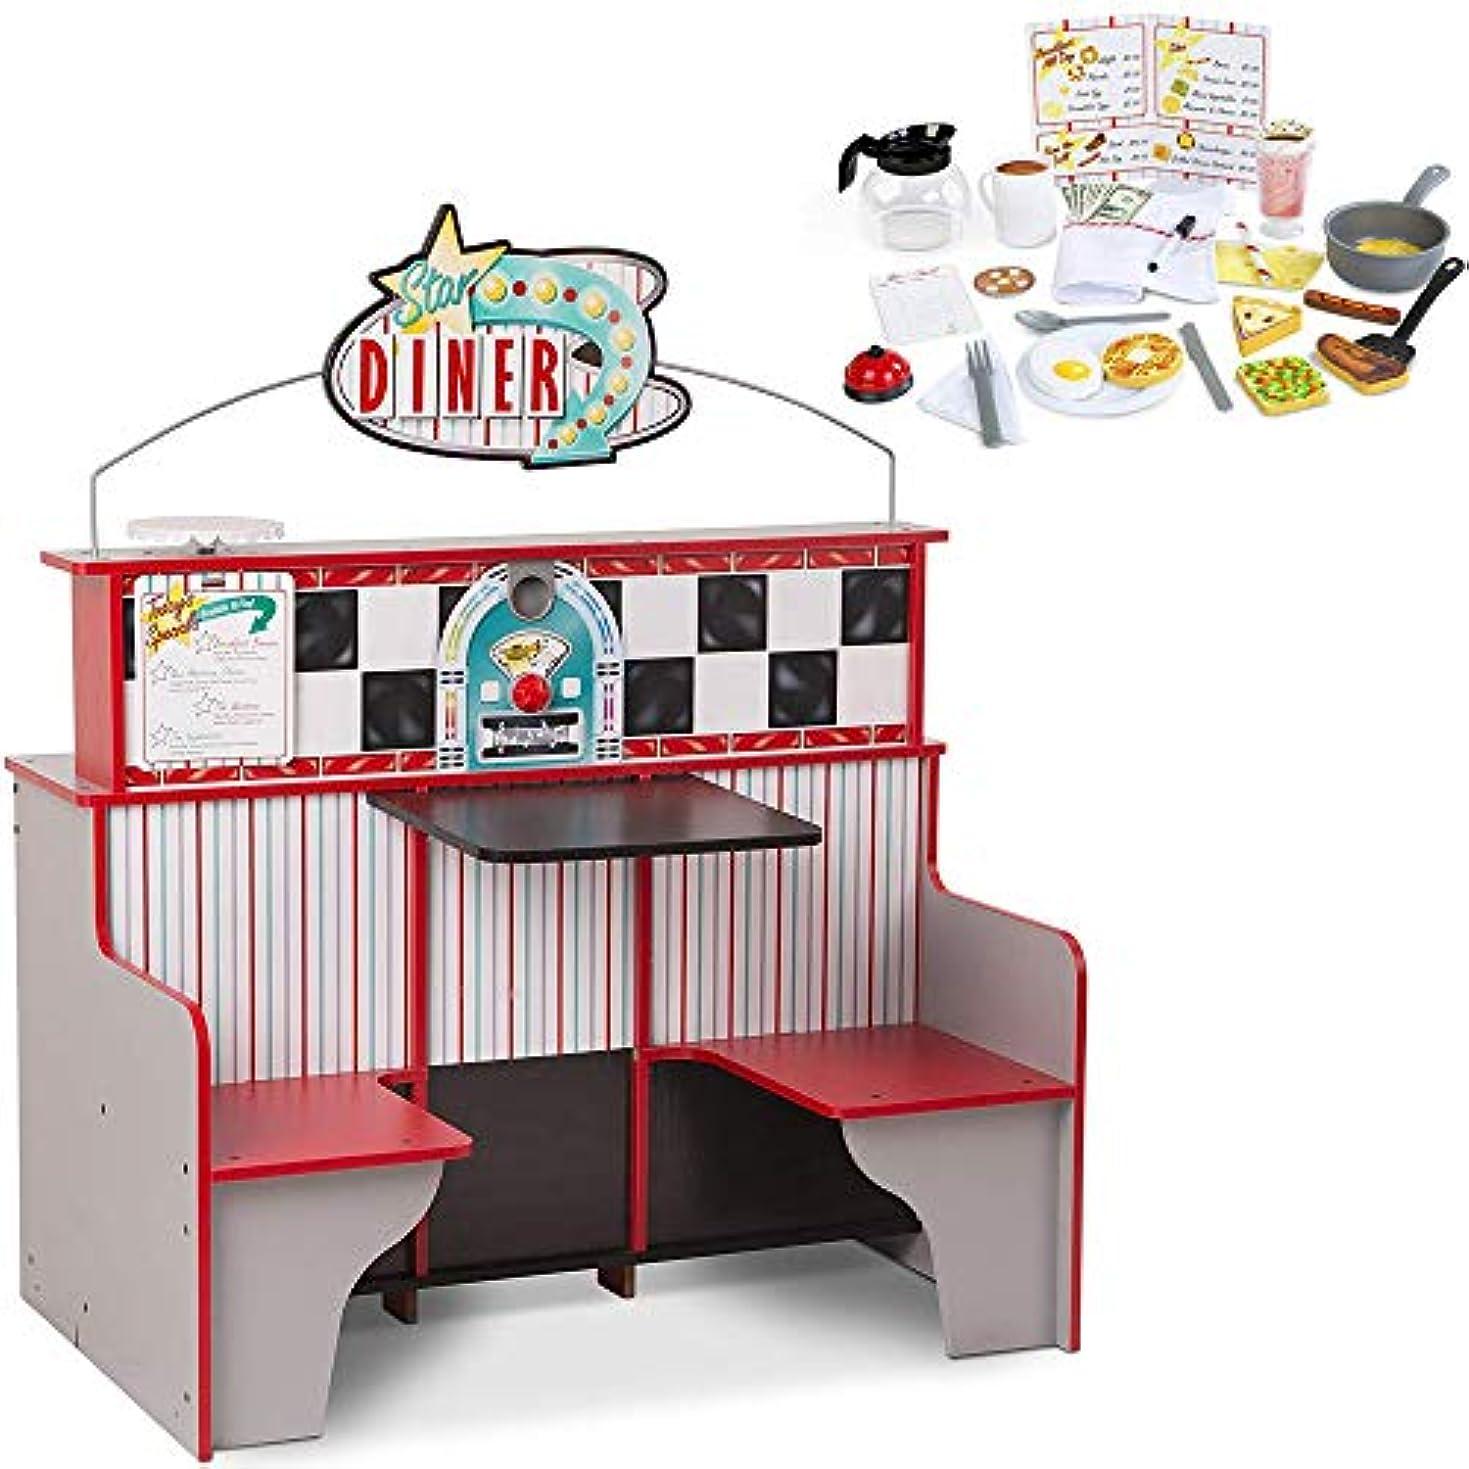 発音つぶす弾力性のあるMelissa and Doug スターダイナー レストランプレイセット & キッチン 木製 ダイナー プレイセット (3951) スターダイナー レストラン プレイセット